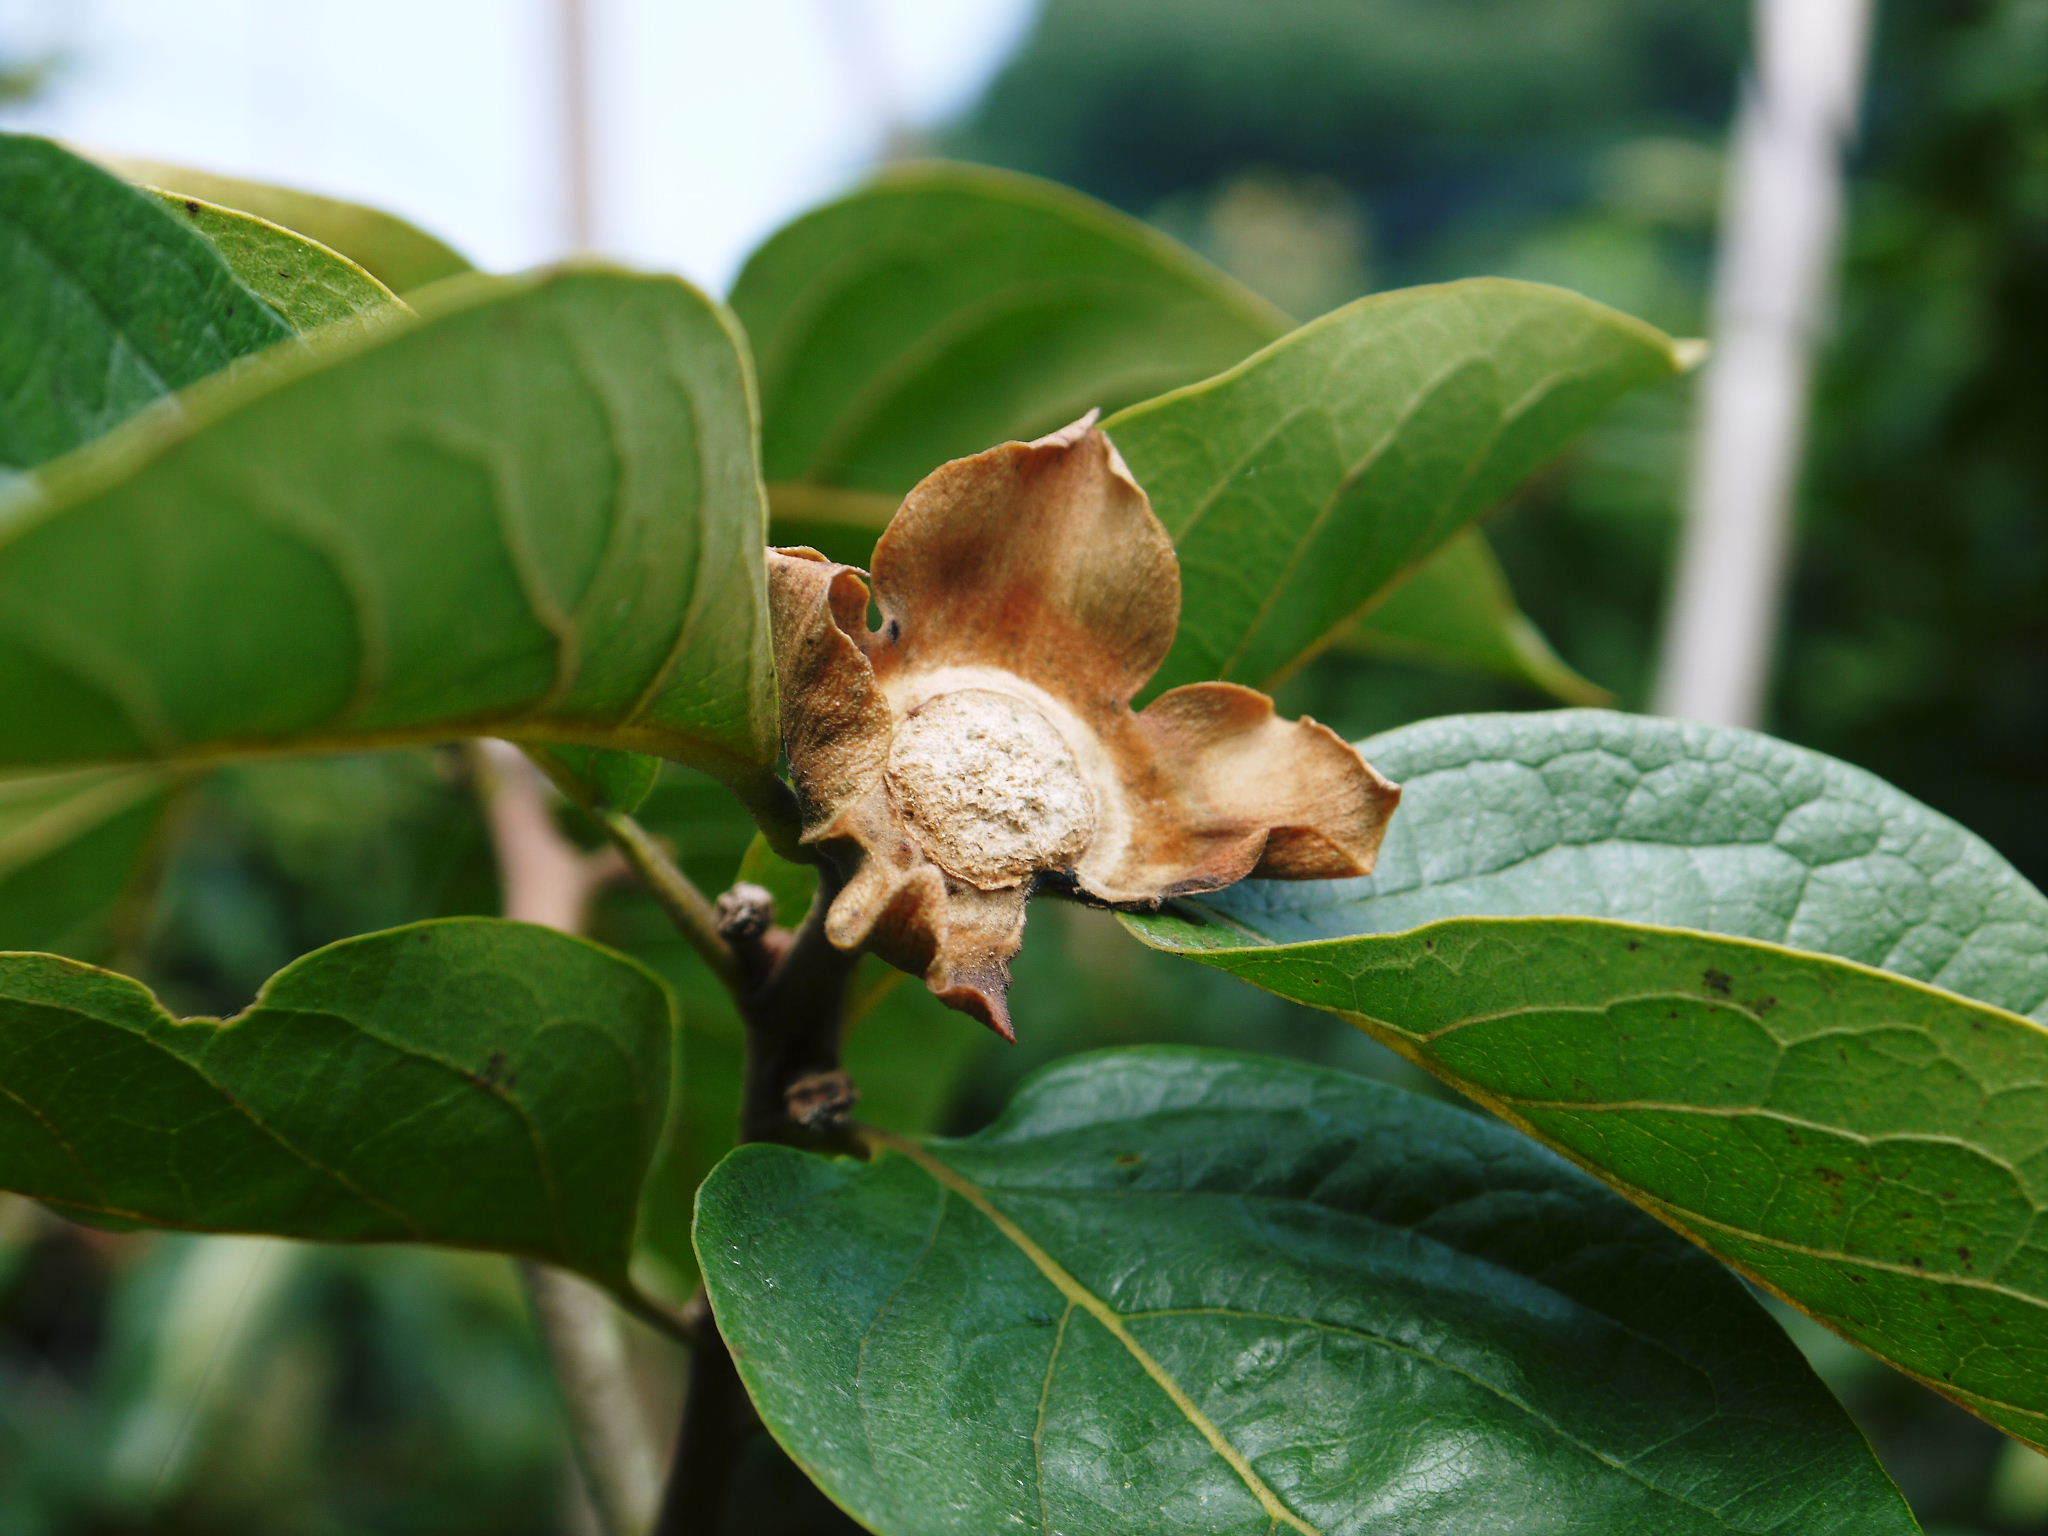 太秋柿 令和2年度の古川果樹園さんの『太秋柿』は収穫できた分だけの出荷で正式販売は中止となりました_a0254656_18374923.jpg